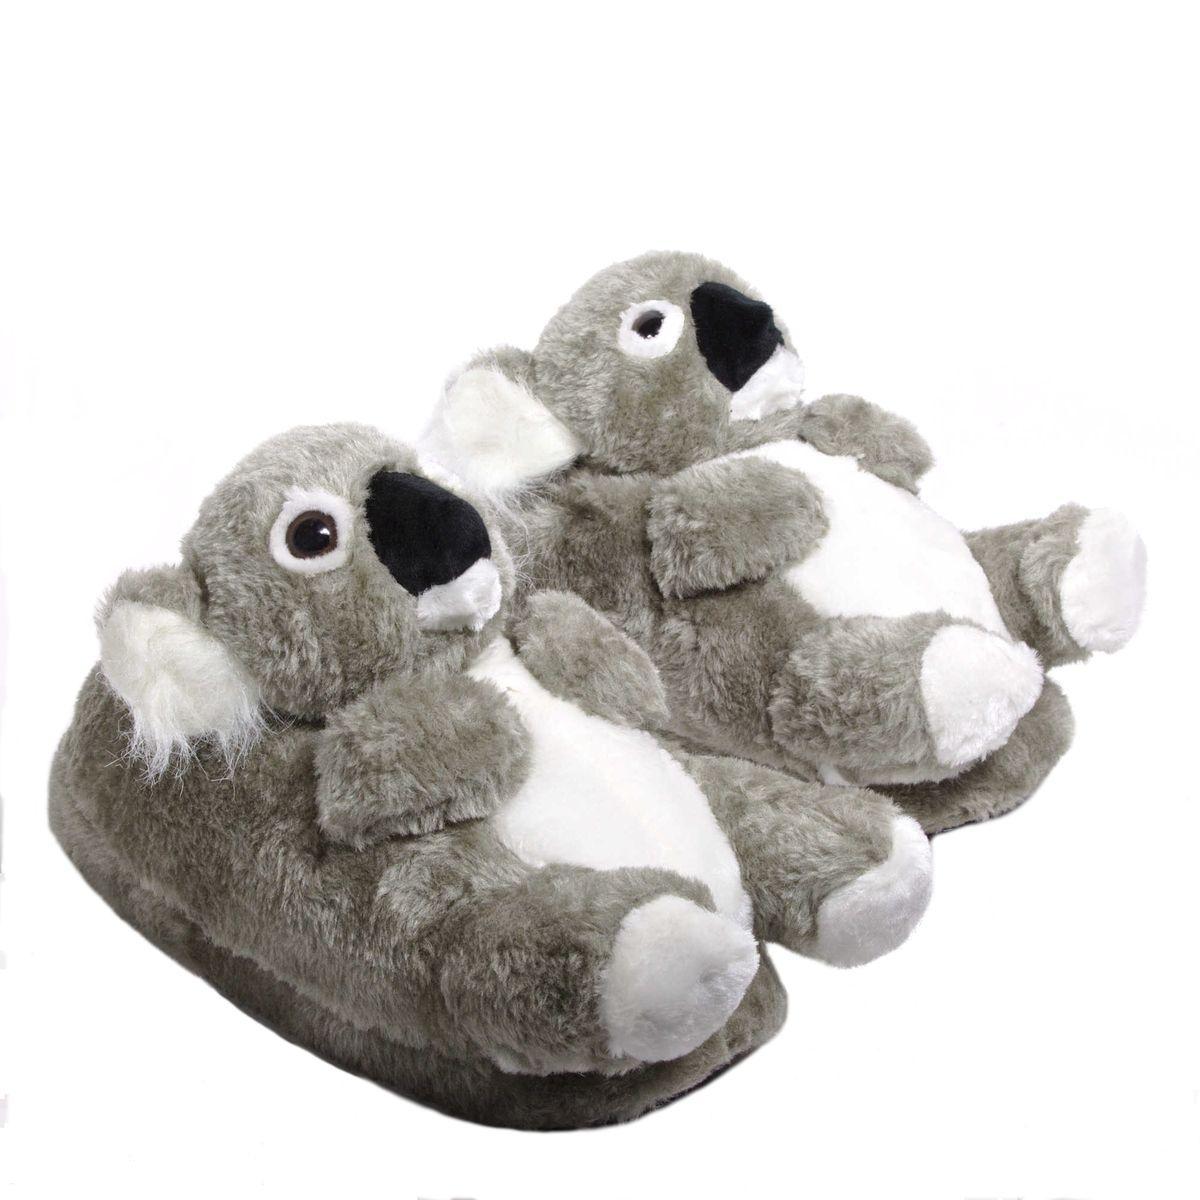 Chaussons animaux peluche Koala